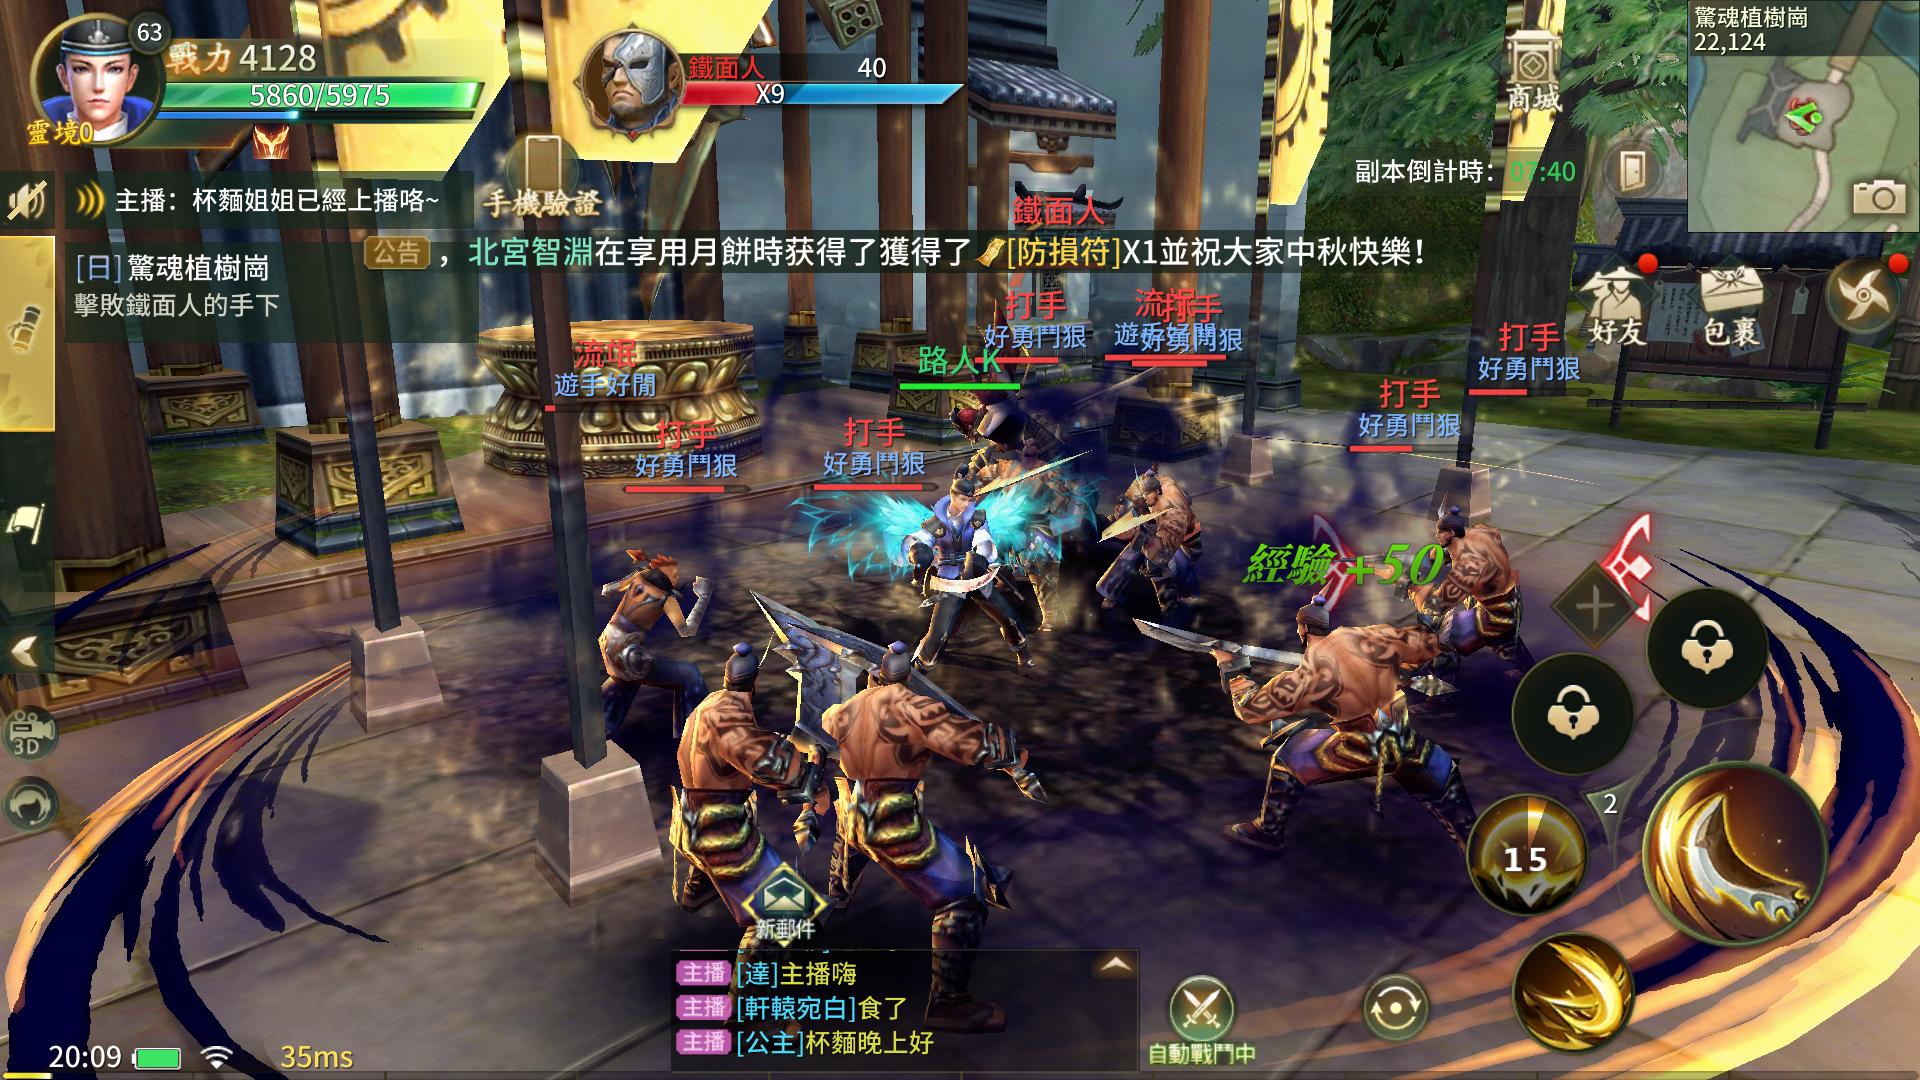 遊戲裡的主線戰鬥很薄弱 比例嚴重失調